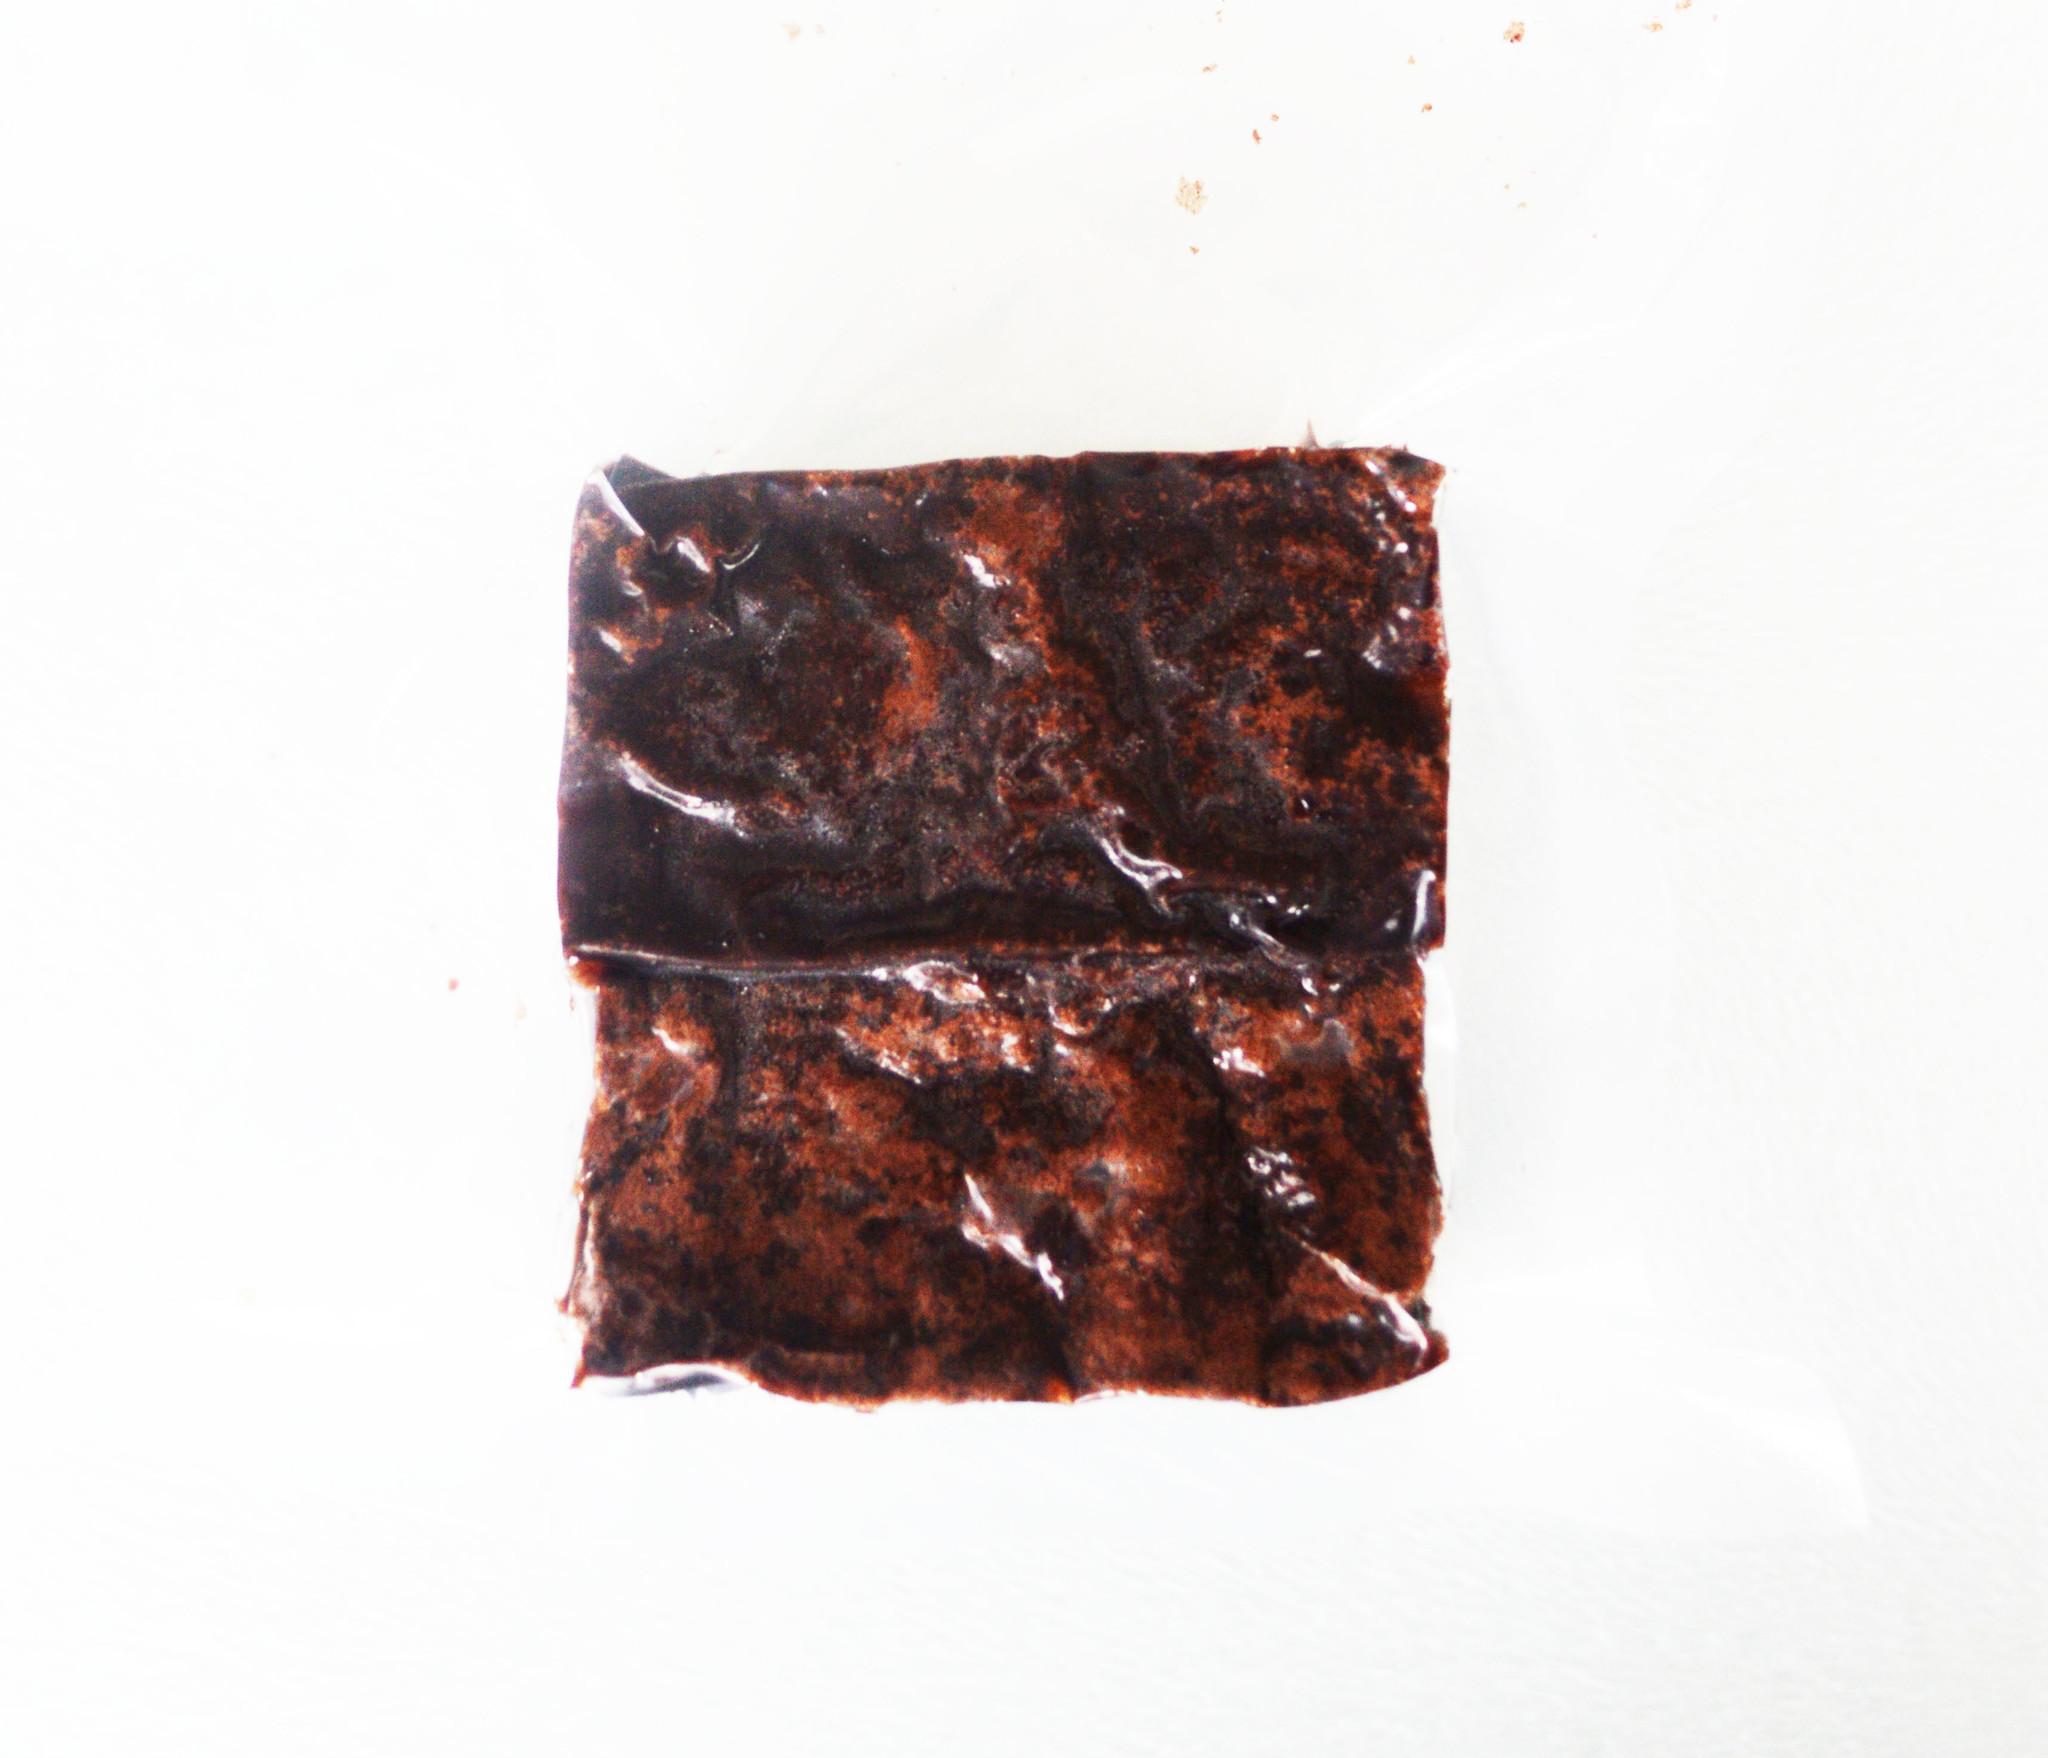 Brownies natures